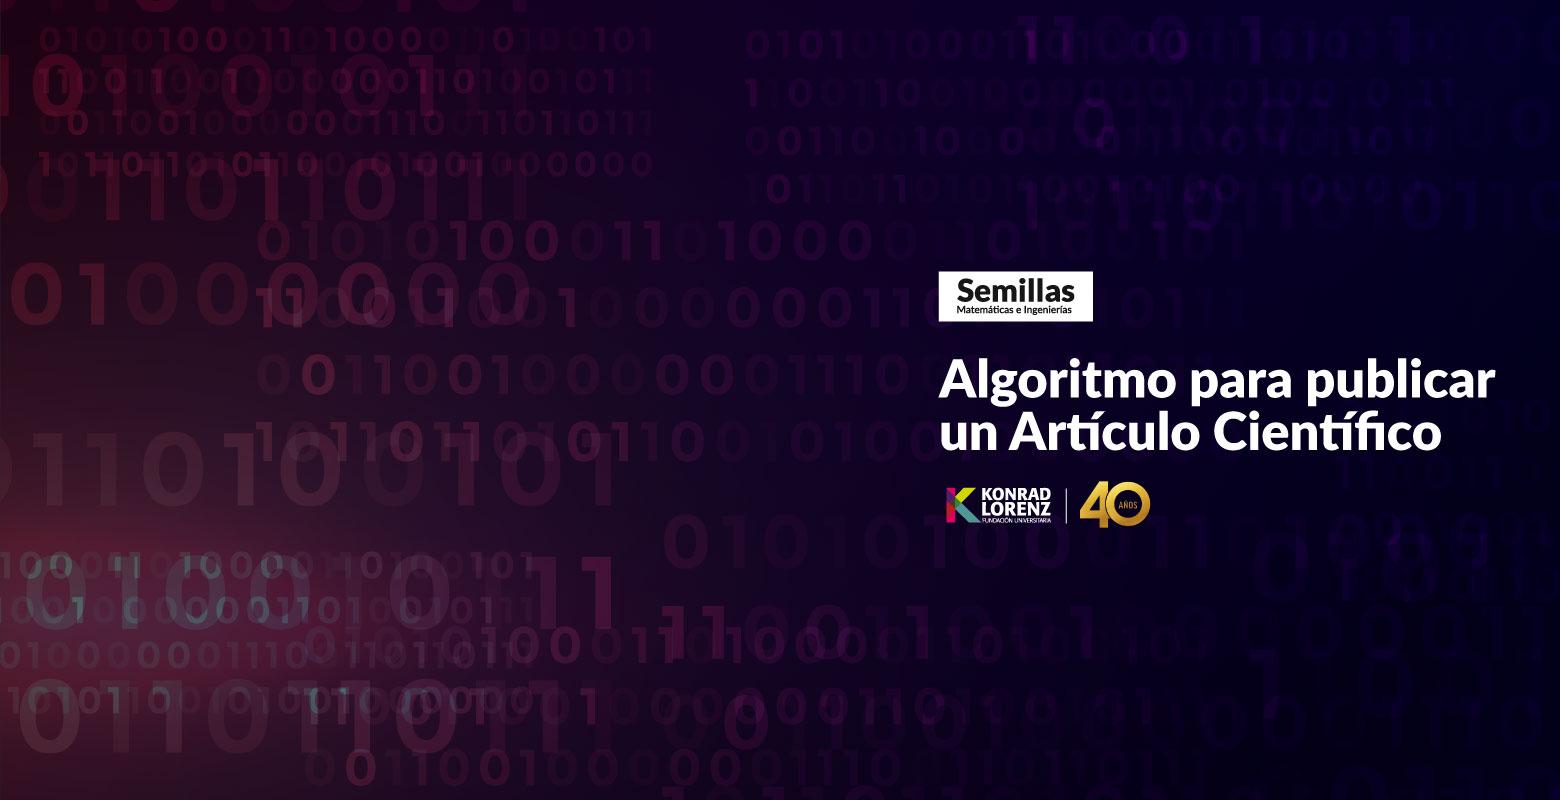 Algoritmo para publicar un Artículo Científico